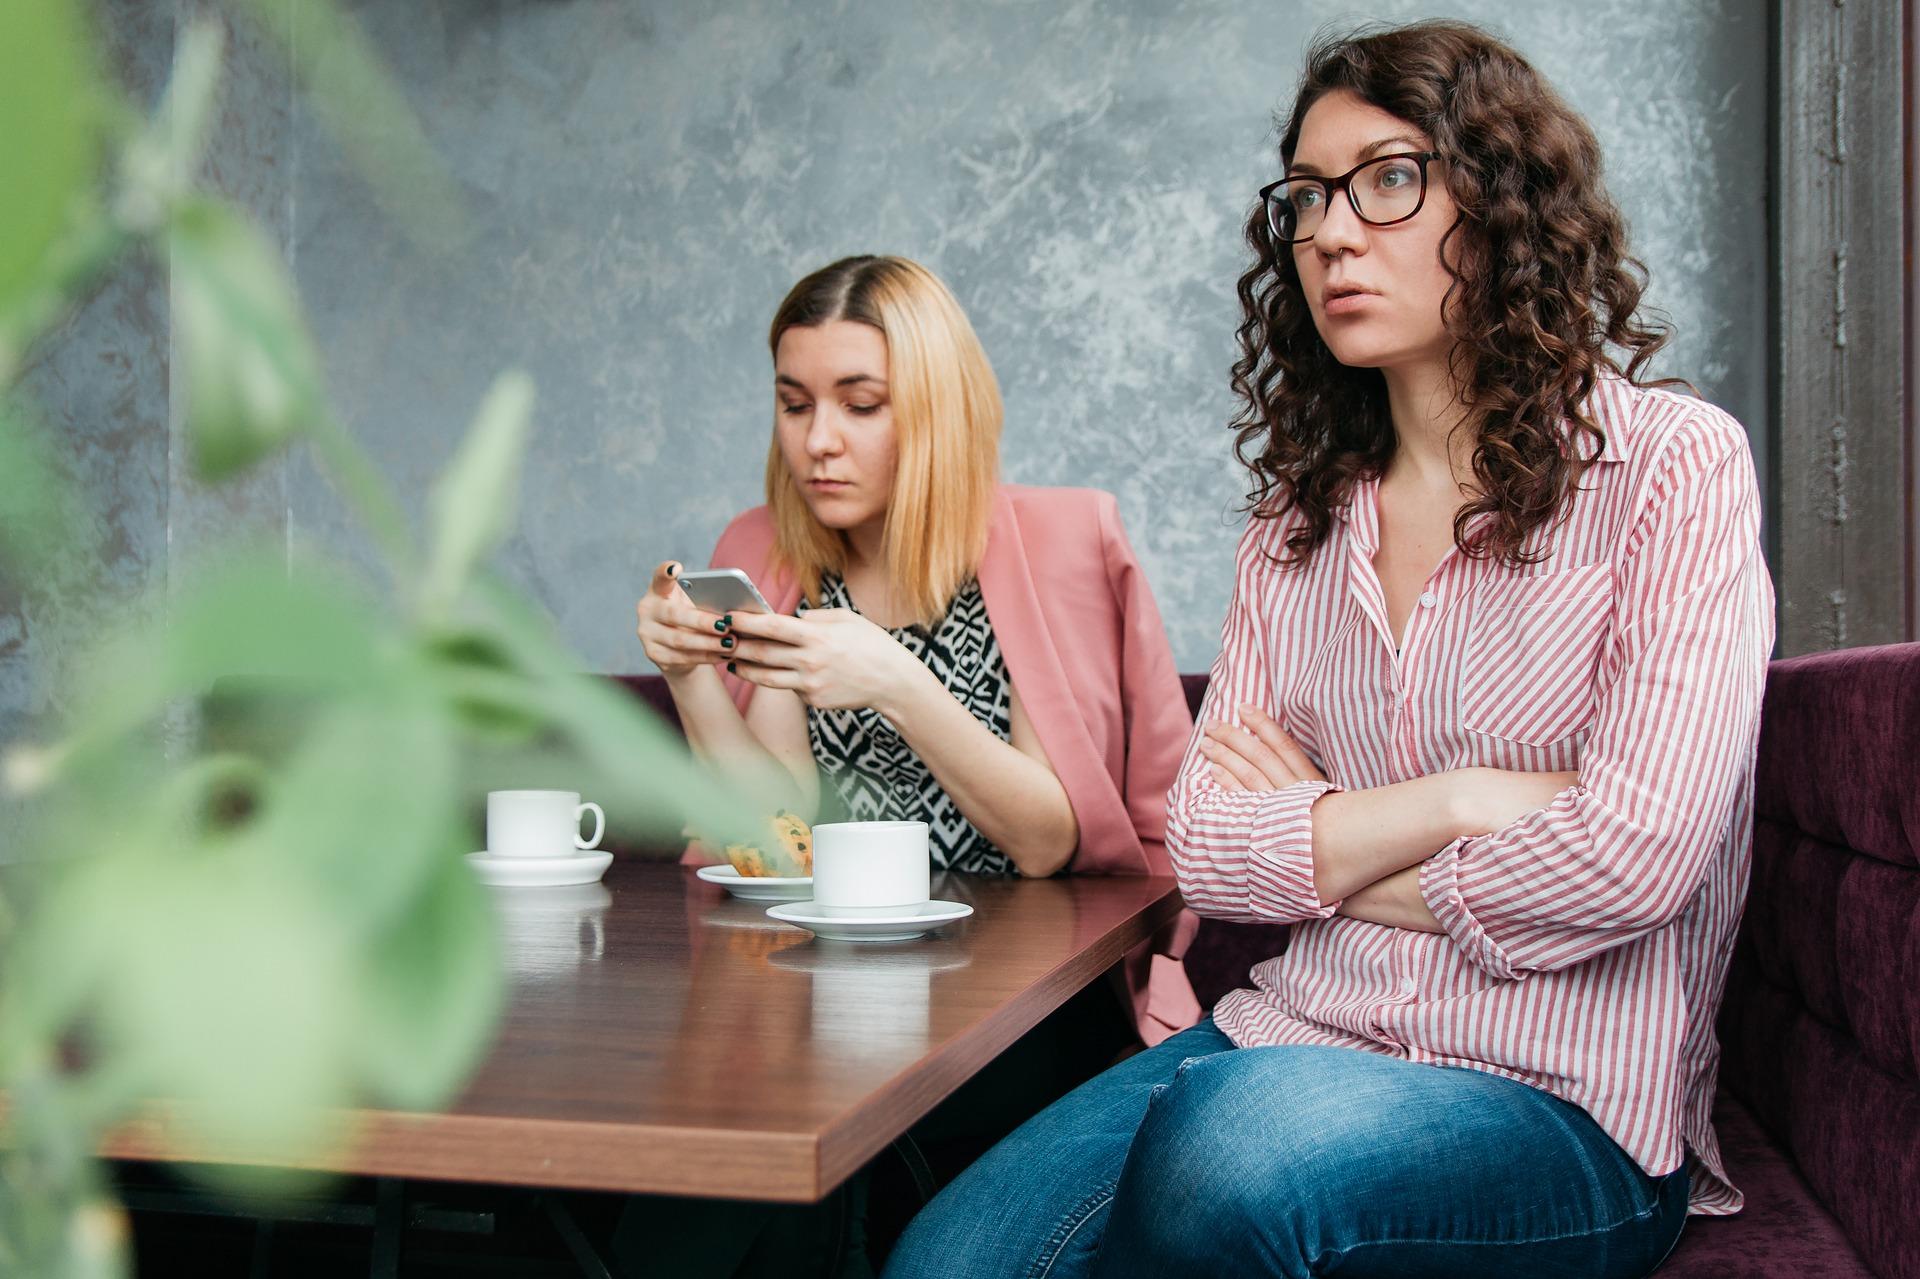 Duas mulheres sentadas a mesa tomando café. Uma delas mexe no celular com feição de indiferença. A outra olha para o lado oposto, com os braços cruzados, incomodada.